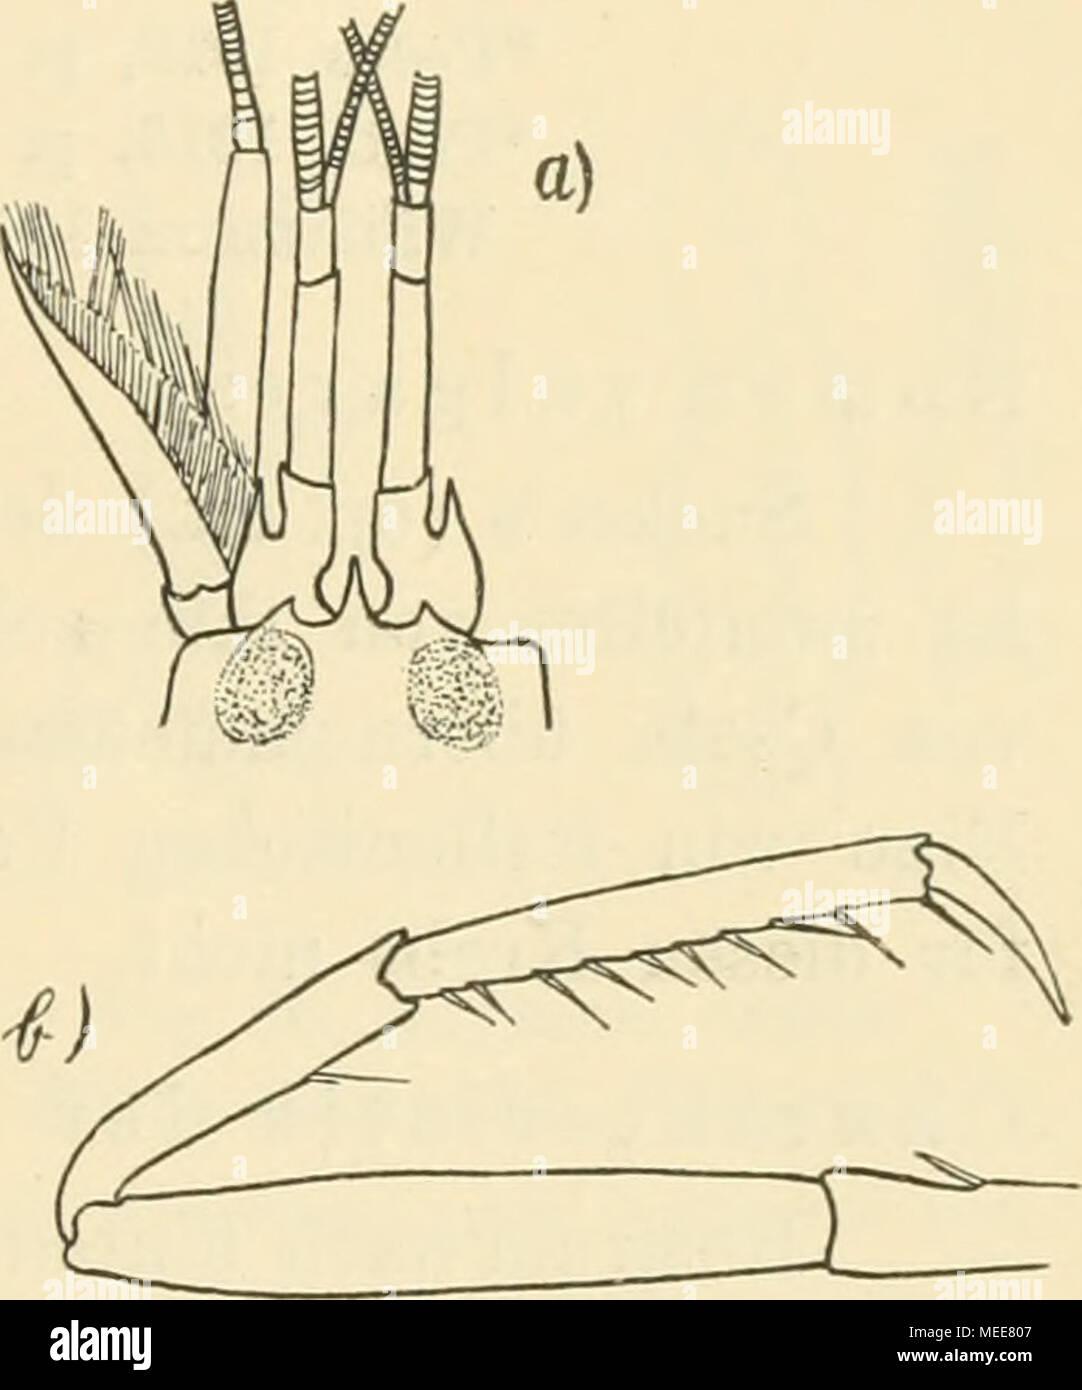 . Die Decapodenfauna der Adria : Versuch einer Monographie . Material über diesen Punkt nicht ge- meldet. Laichzeit für die Adria im Färbung des lebenden Tieres korallenrot. Juni nachgewiesen. Fig. 29. Alpheus megacheles (Hailstoiie). [Original.] a) Stirnrand und Antennen von oben, b) 3. Pereiopode. (Beide Figuren vergrößert.) Fundorte: Cherso, Curzola, Lesina, Lissa, Lussin, bei Pelagosa, Por- tore, Quarnero, Triest. Geographische Verbreitung: Atlantischer Ozean (England) und Mittelmeer (auch Aegaeisches Meer). 21. Alpheus ruber H. Milue-Edwards (Fig. 30). H. Milne-Edwards 1837, p. 351 [Non C - Stock Image